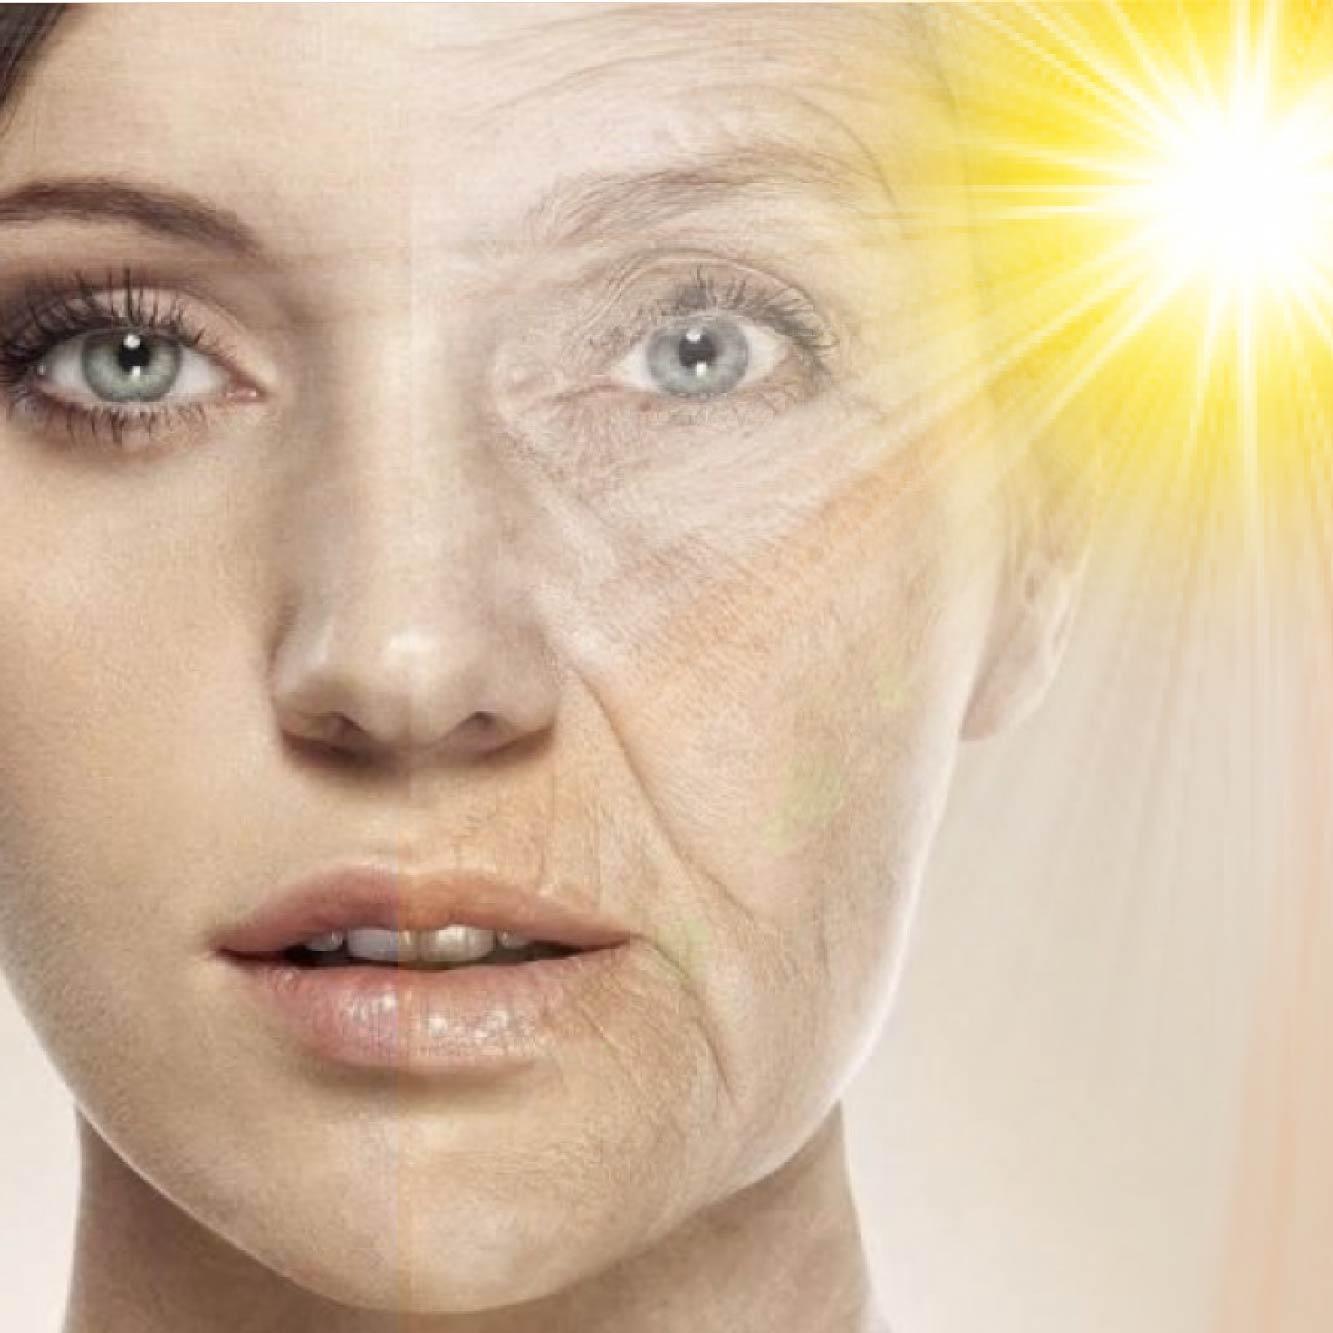 Кожа, солнце и опасные солнцезащитные кремы